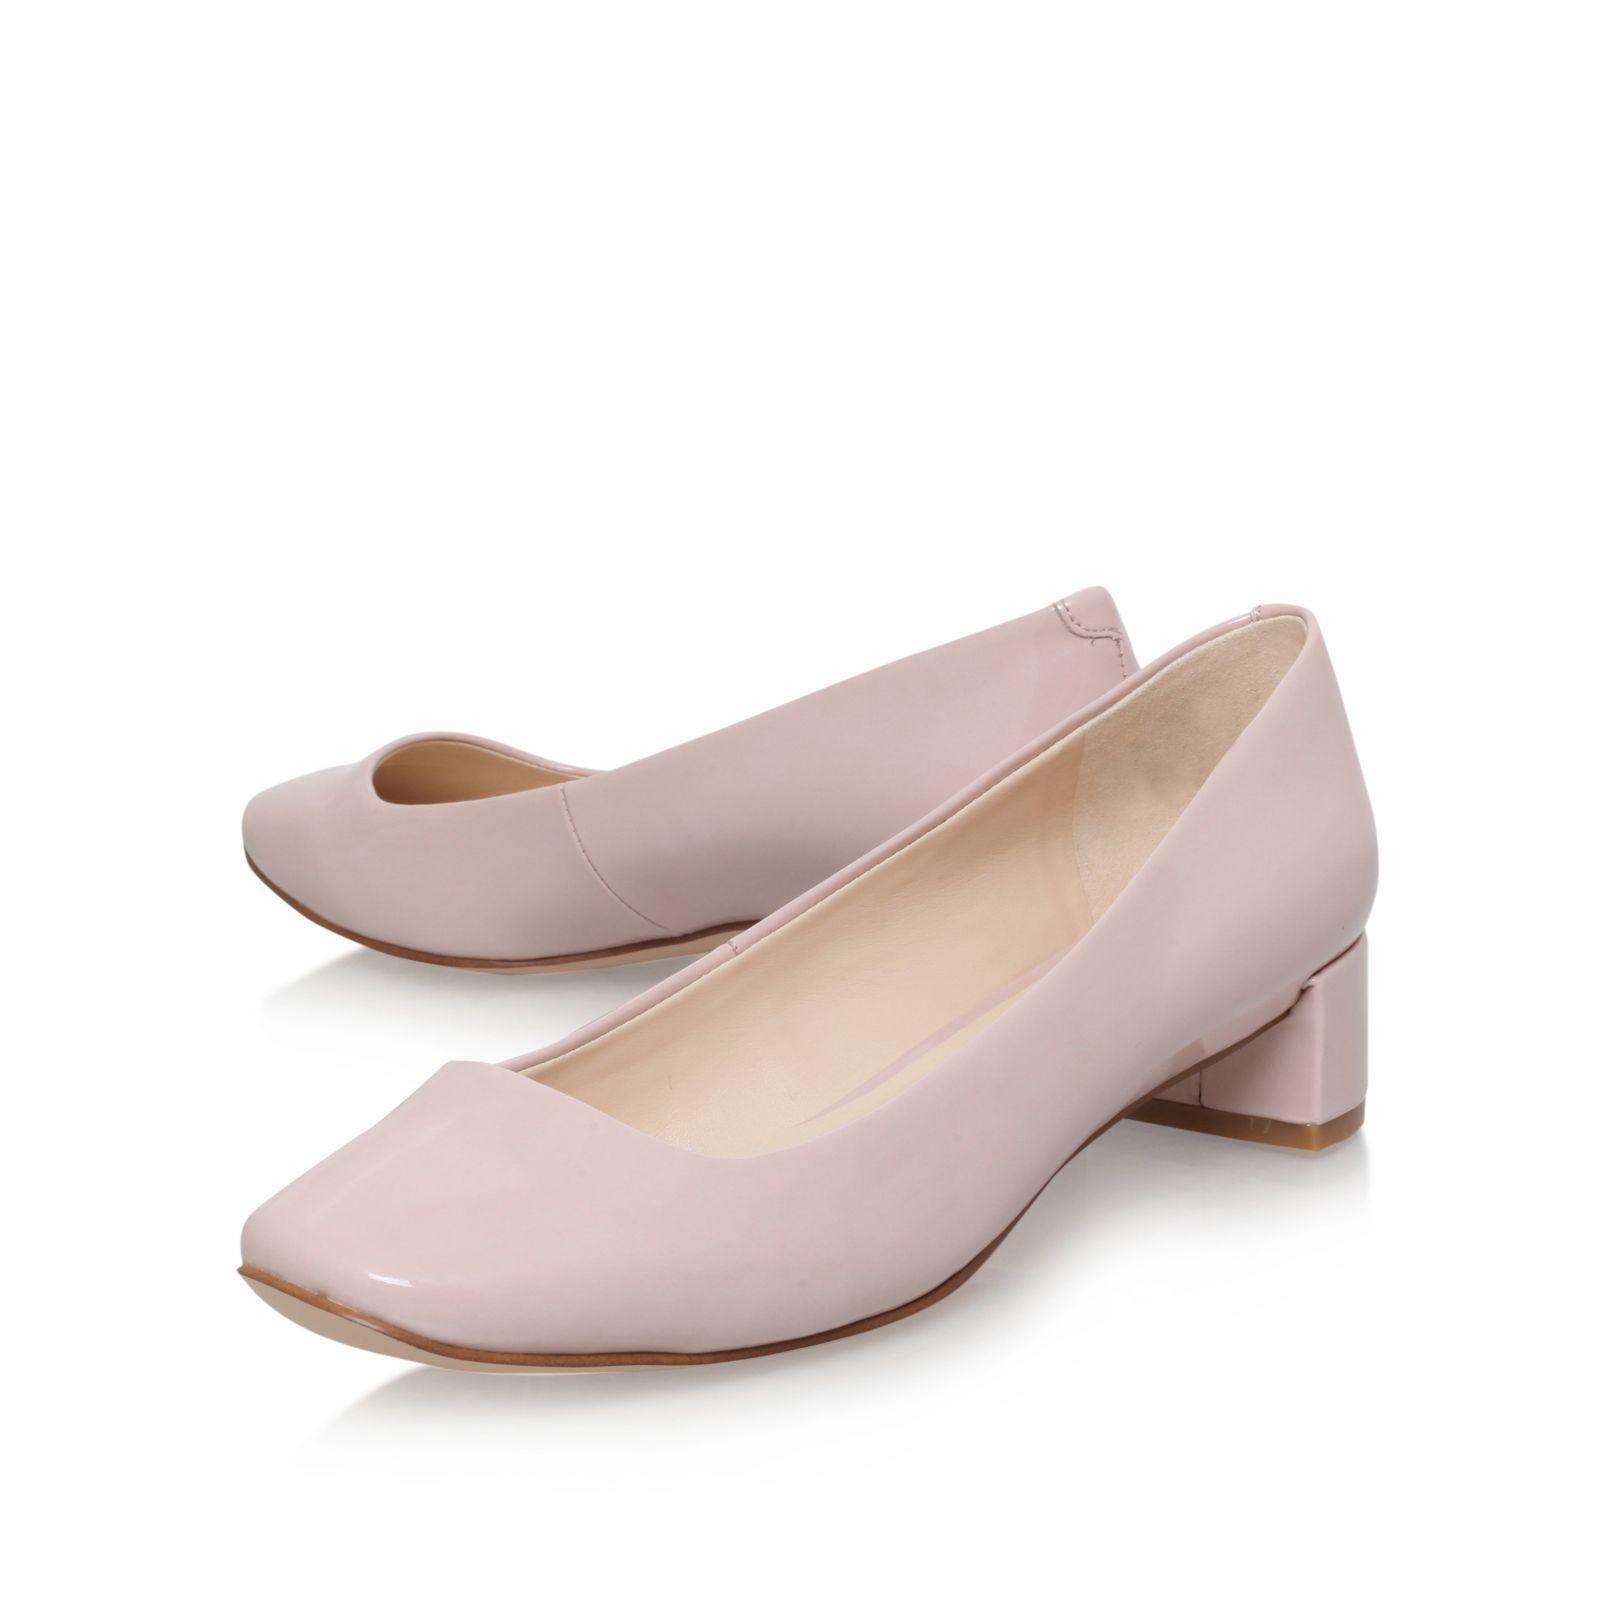 Pink Shoes Low Heel